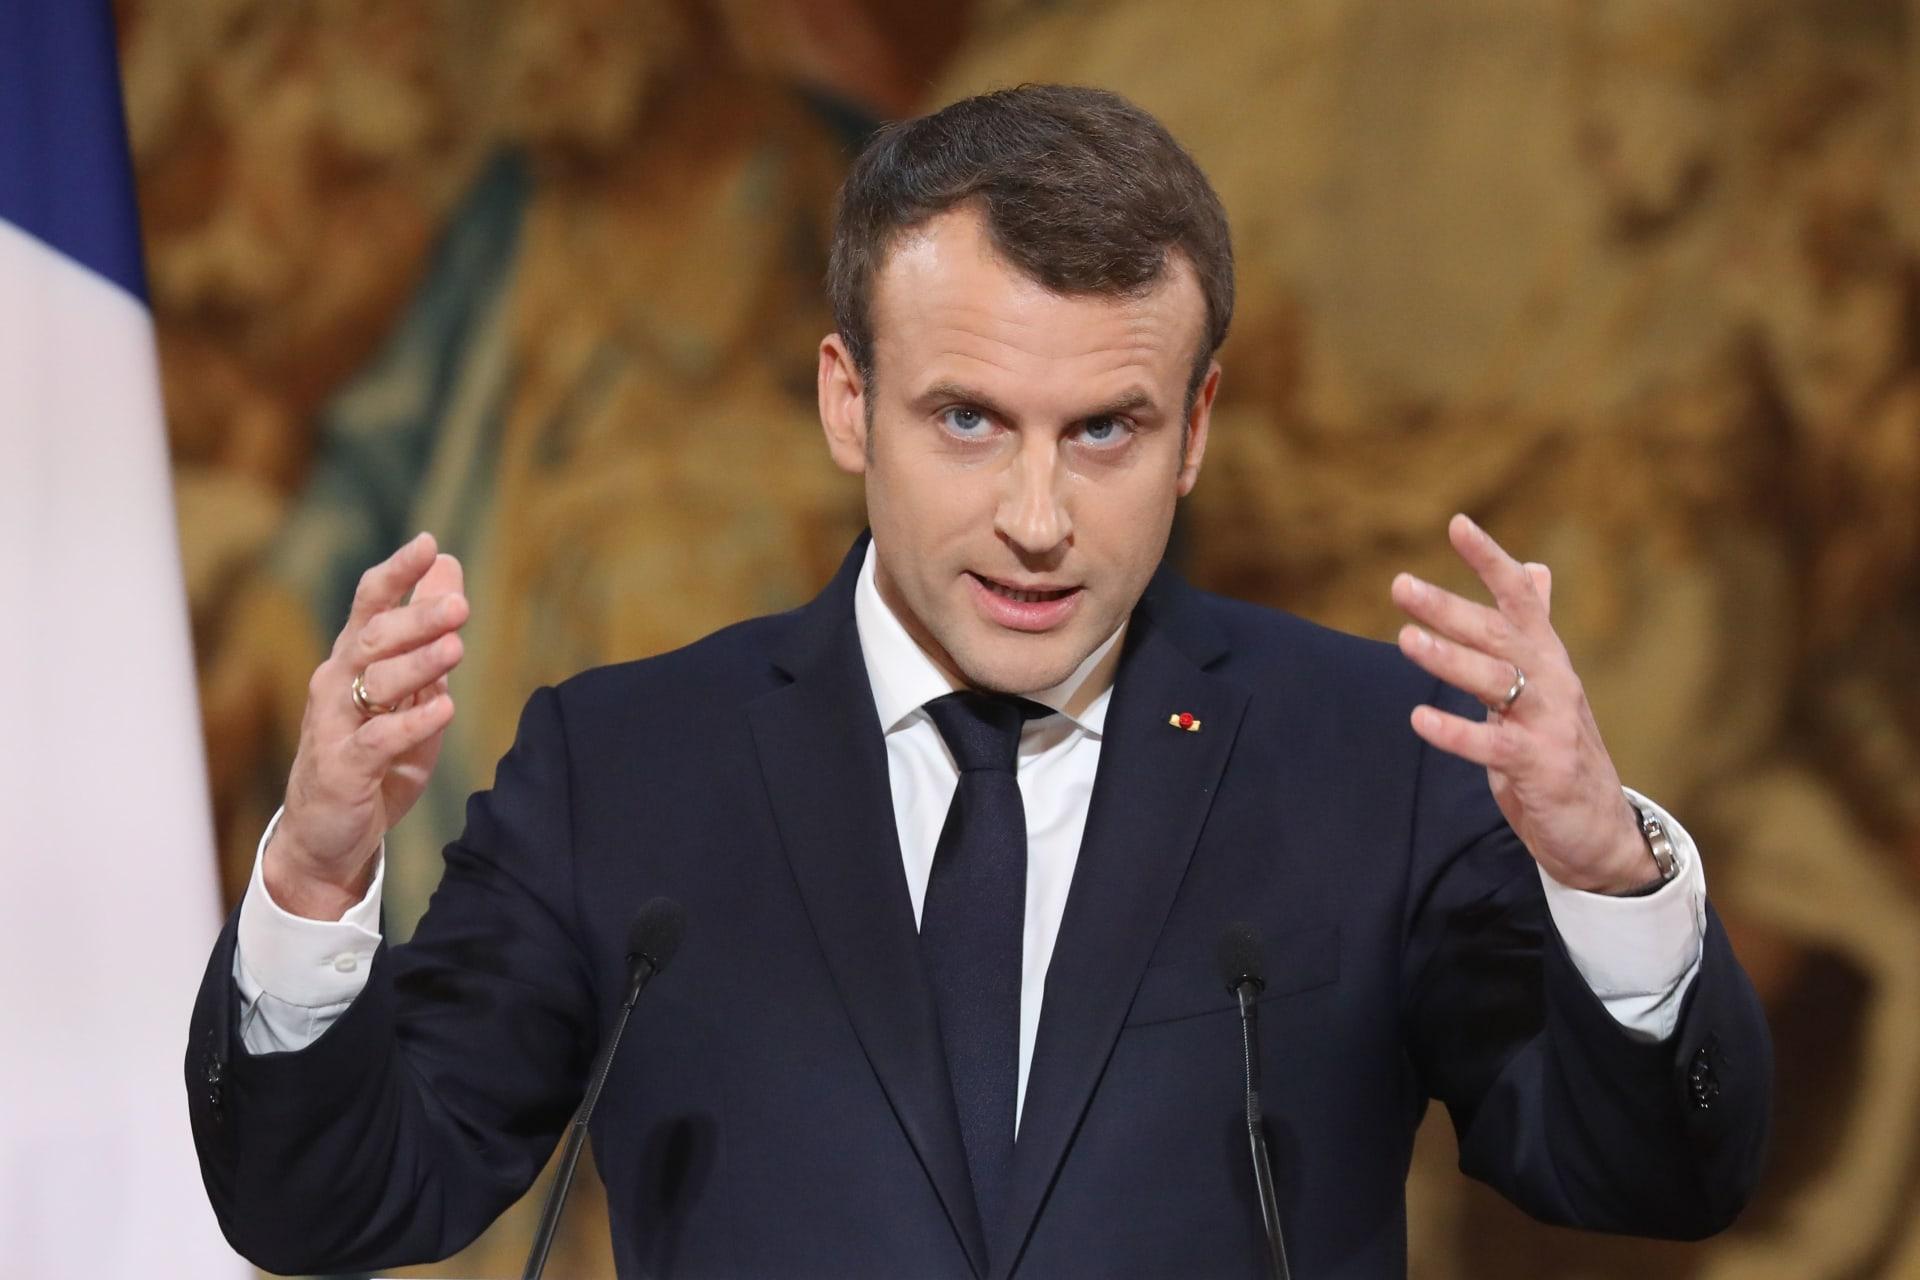 صورة للرئيس الفرنسي إيمانويل ماكرون خلال إلقائه كلمة في قصر الإيليزيه